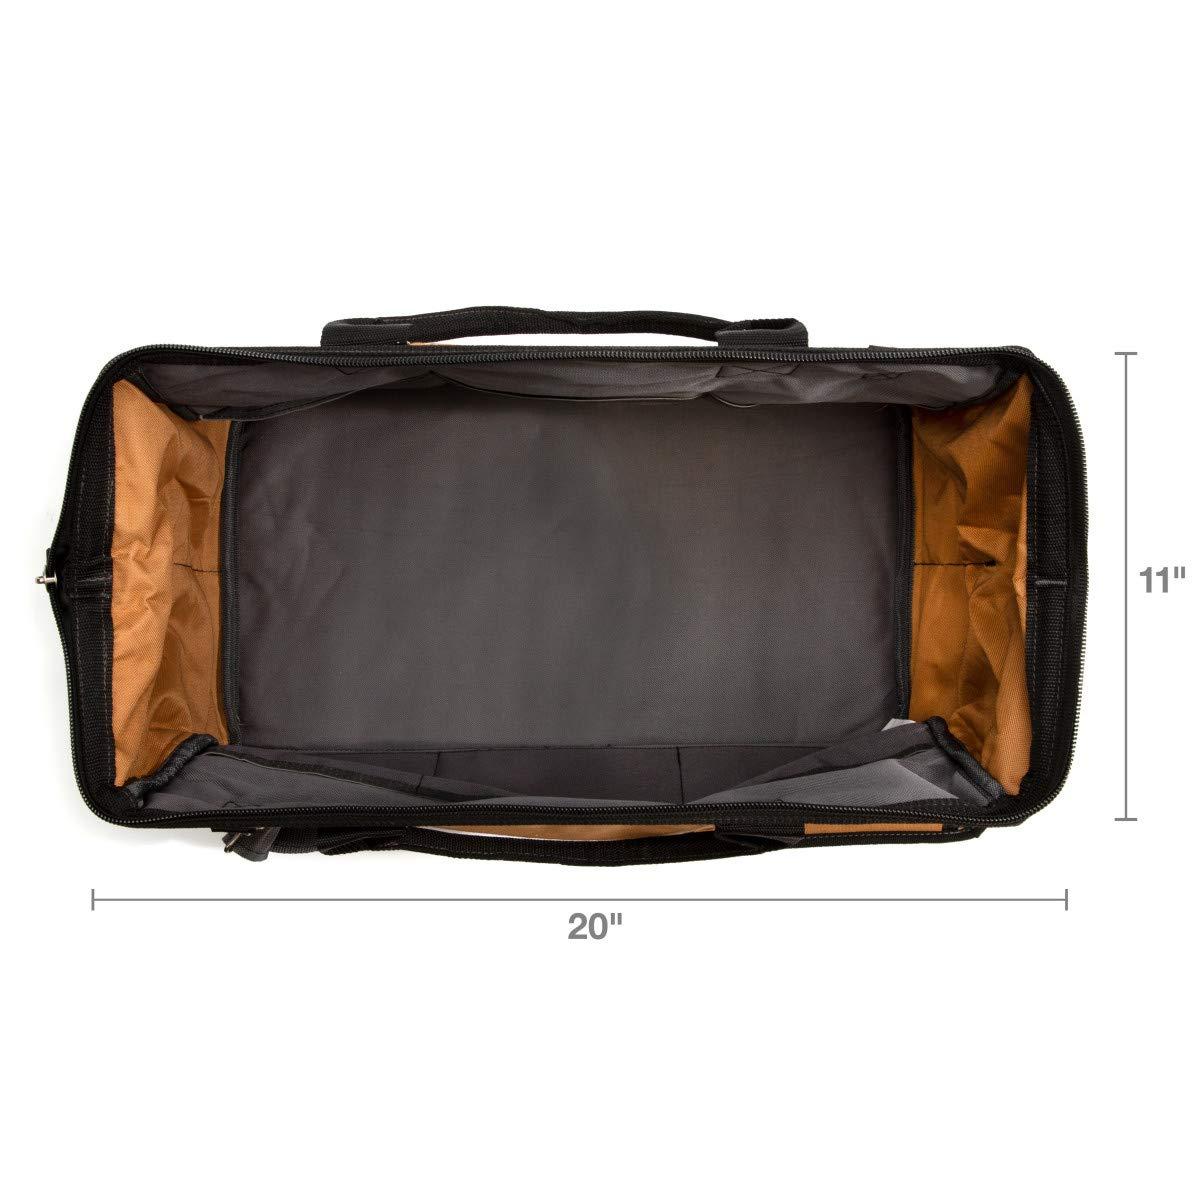 Dickies 57033 20-Inch Work Bag by Dickies Work Gear (Image #6)